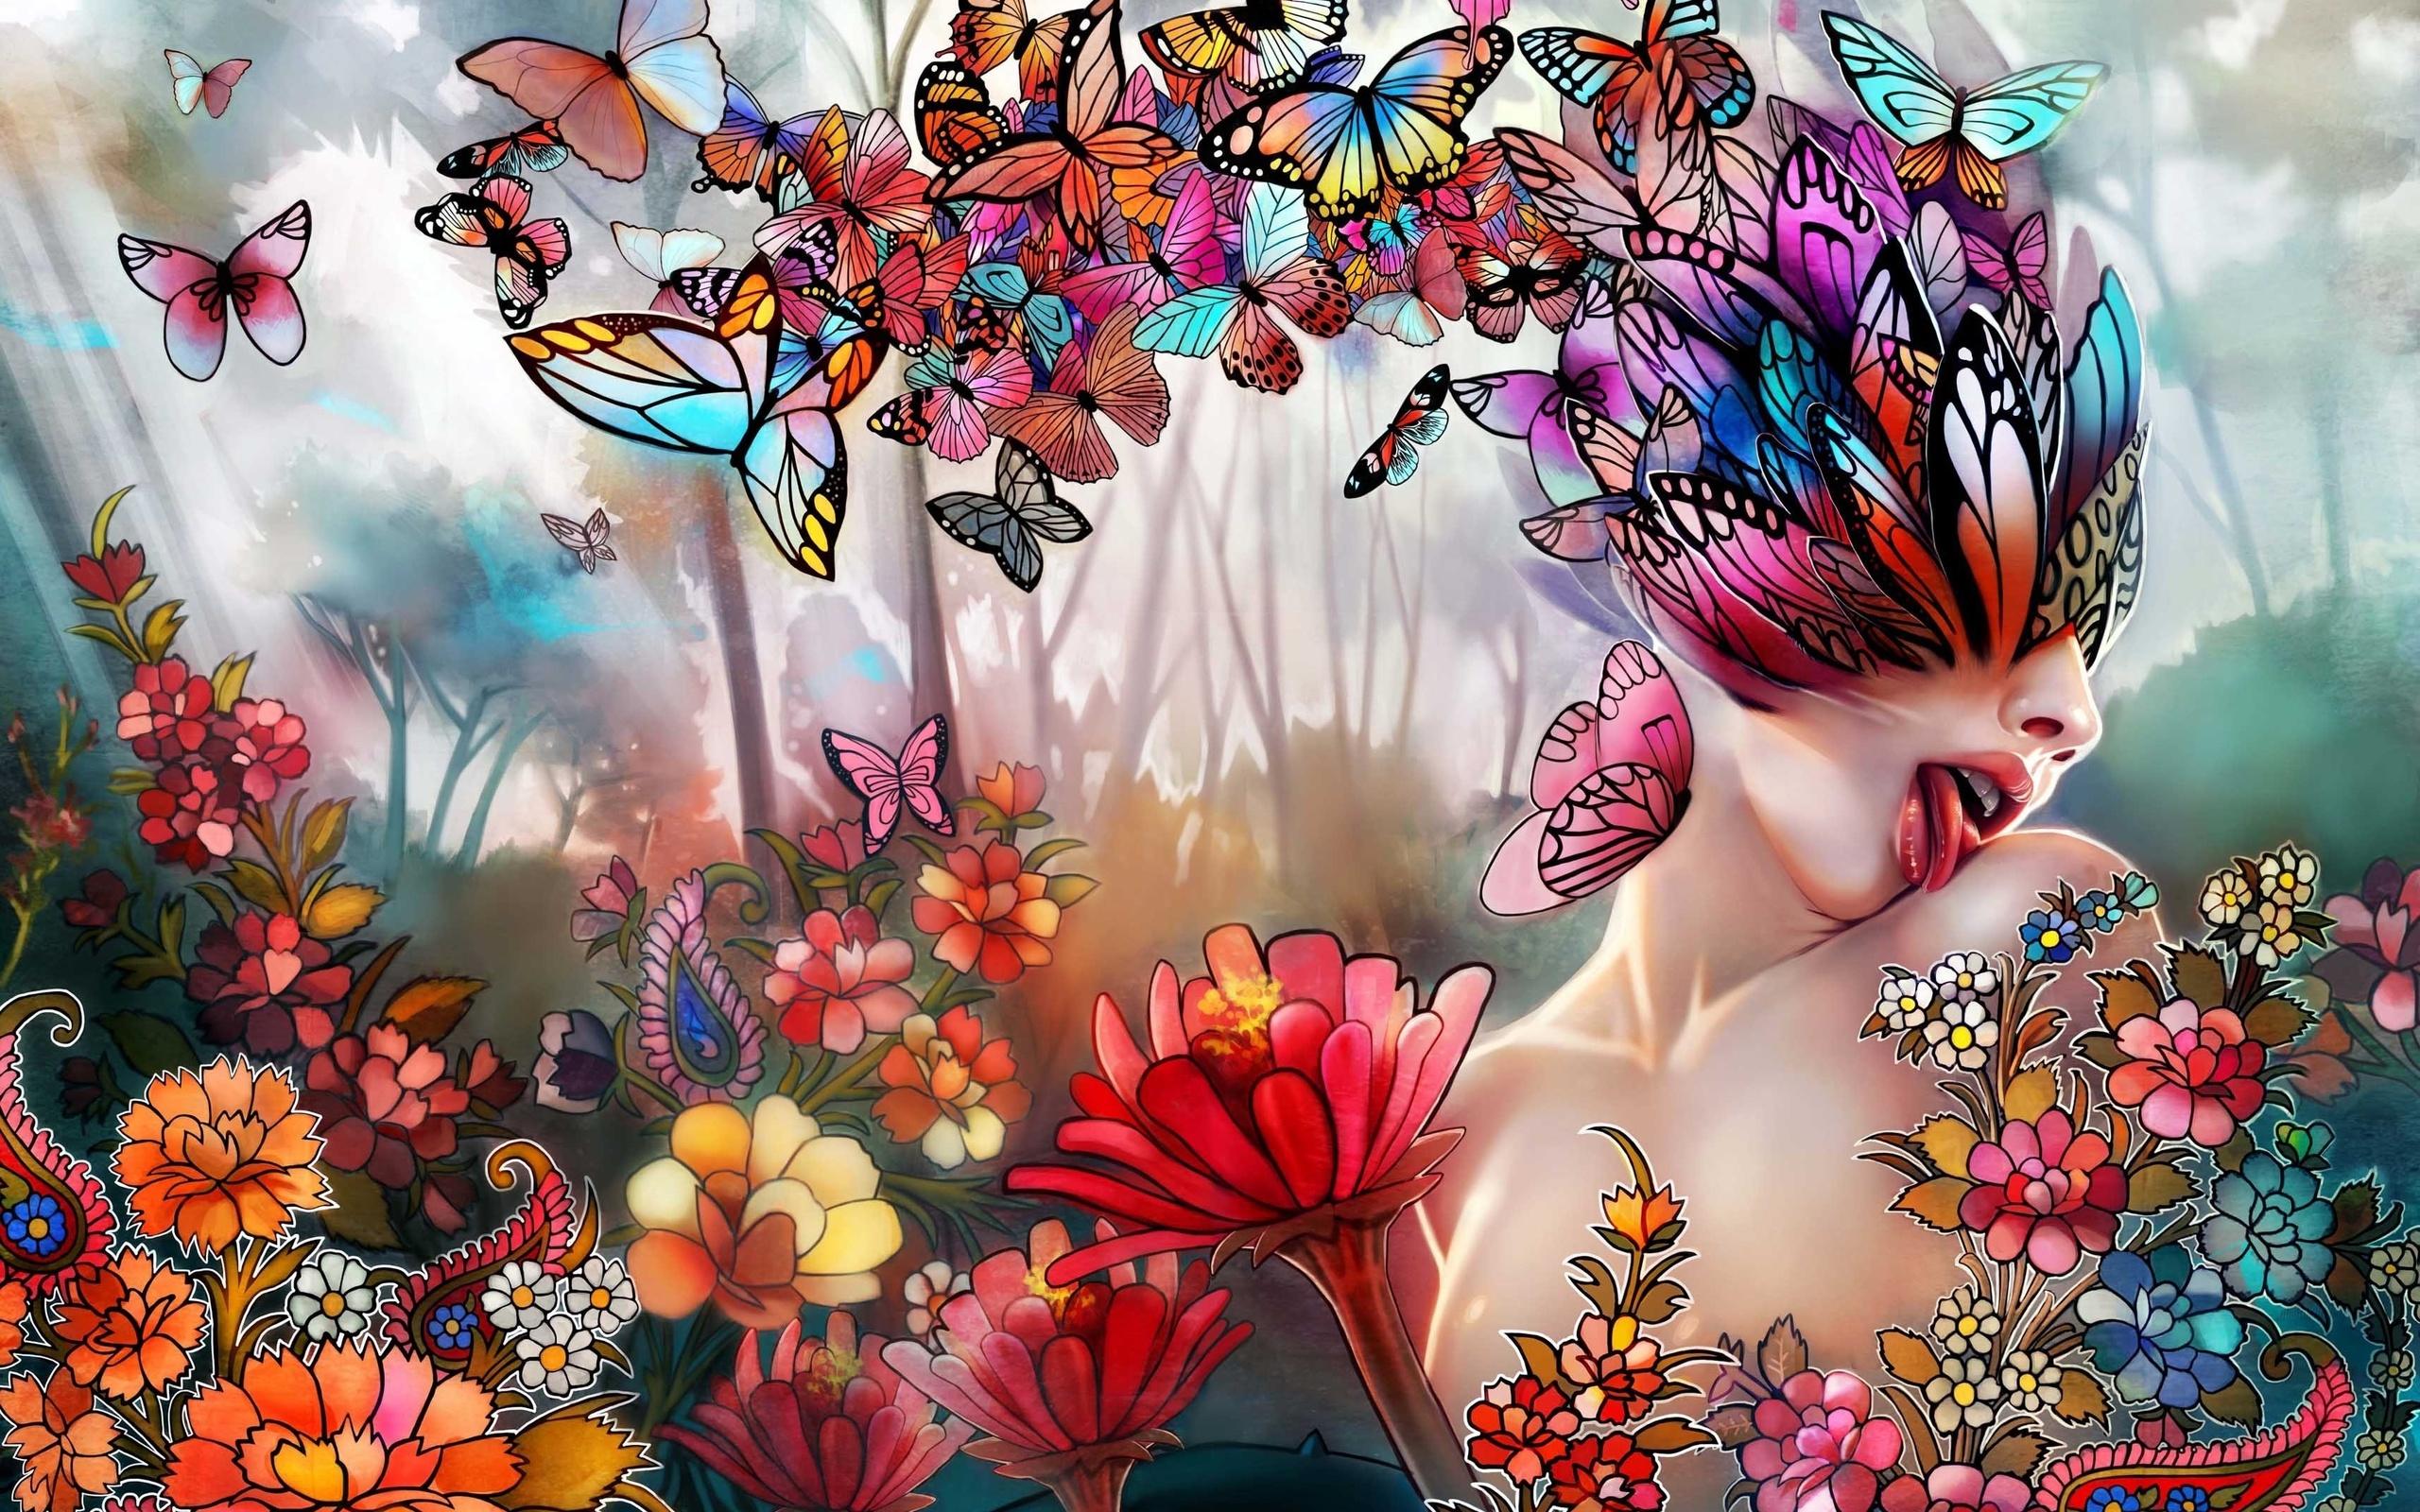 достаточно картинки фантазийных цветов такой